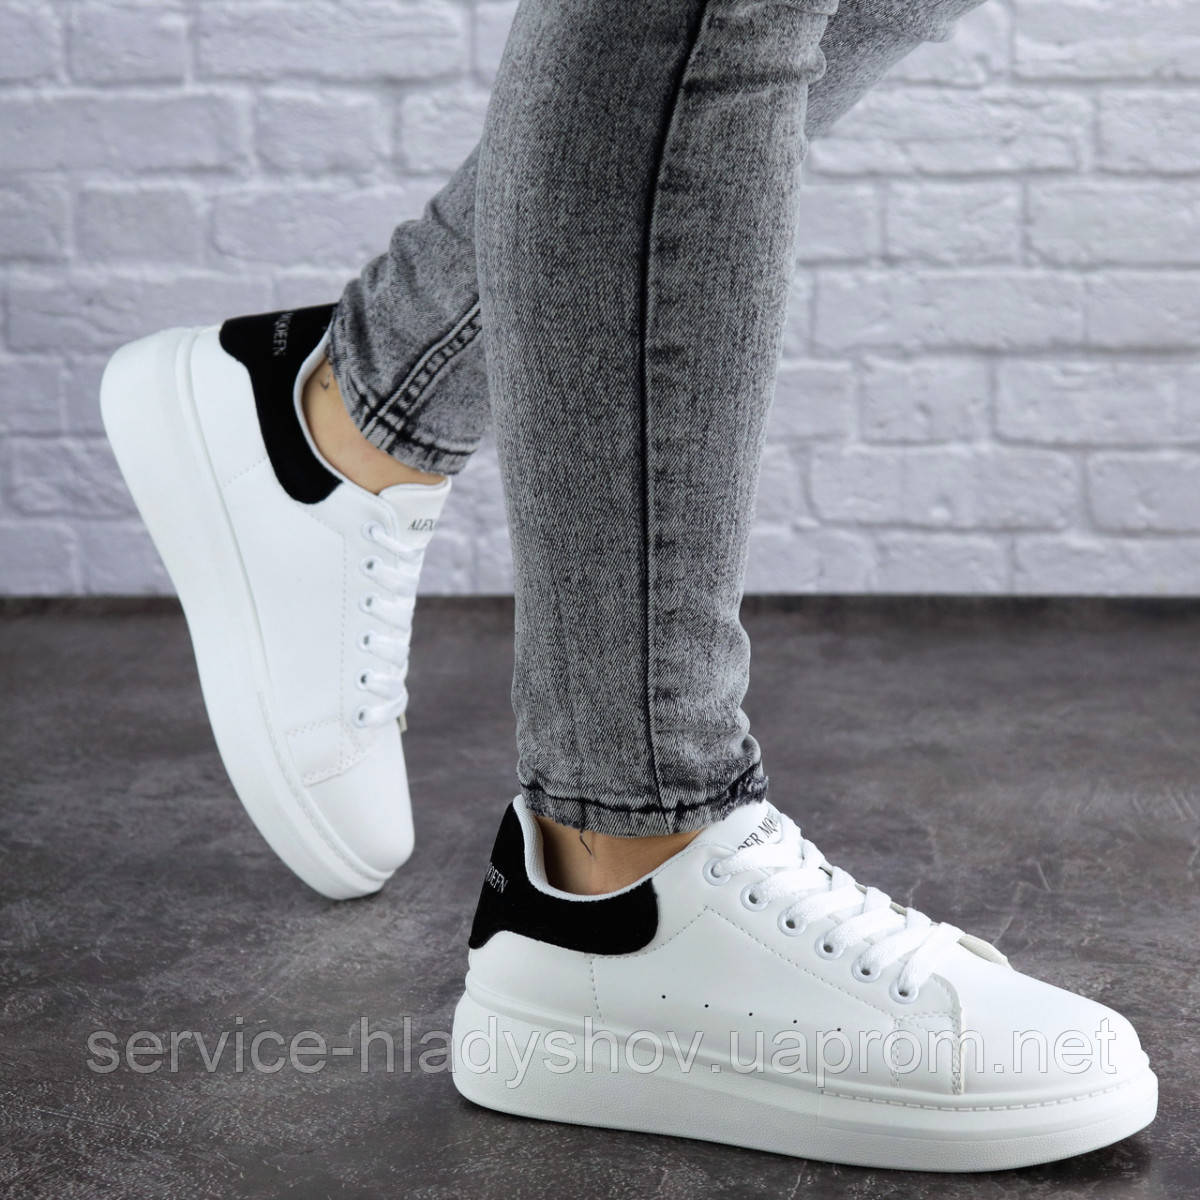 Купить Женские кроссовки летние белые Andy 1948 (36 размер), Fashion